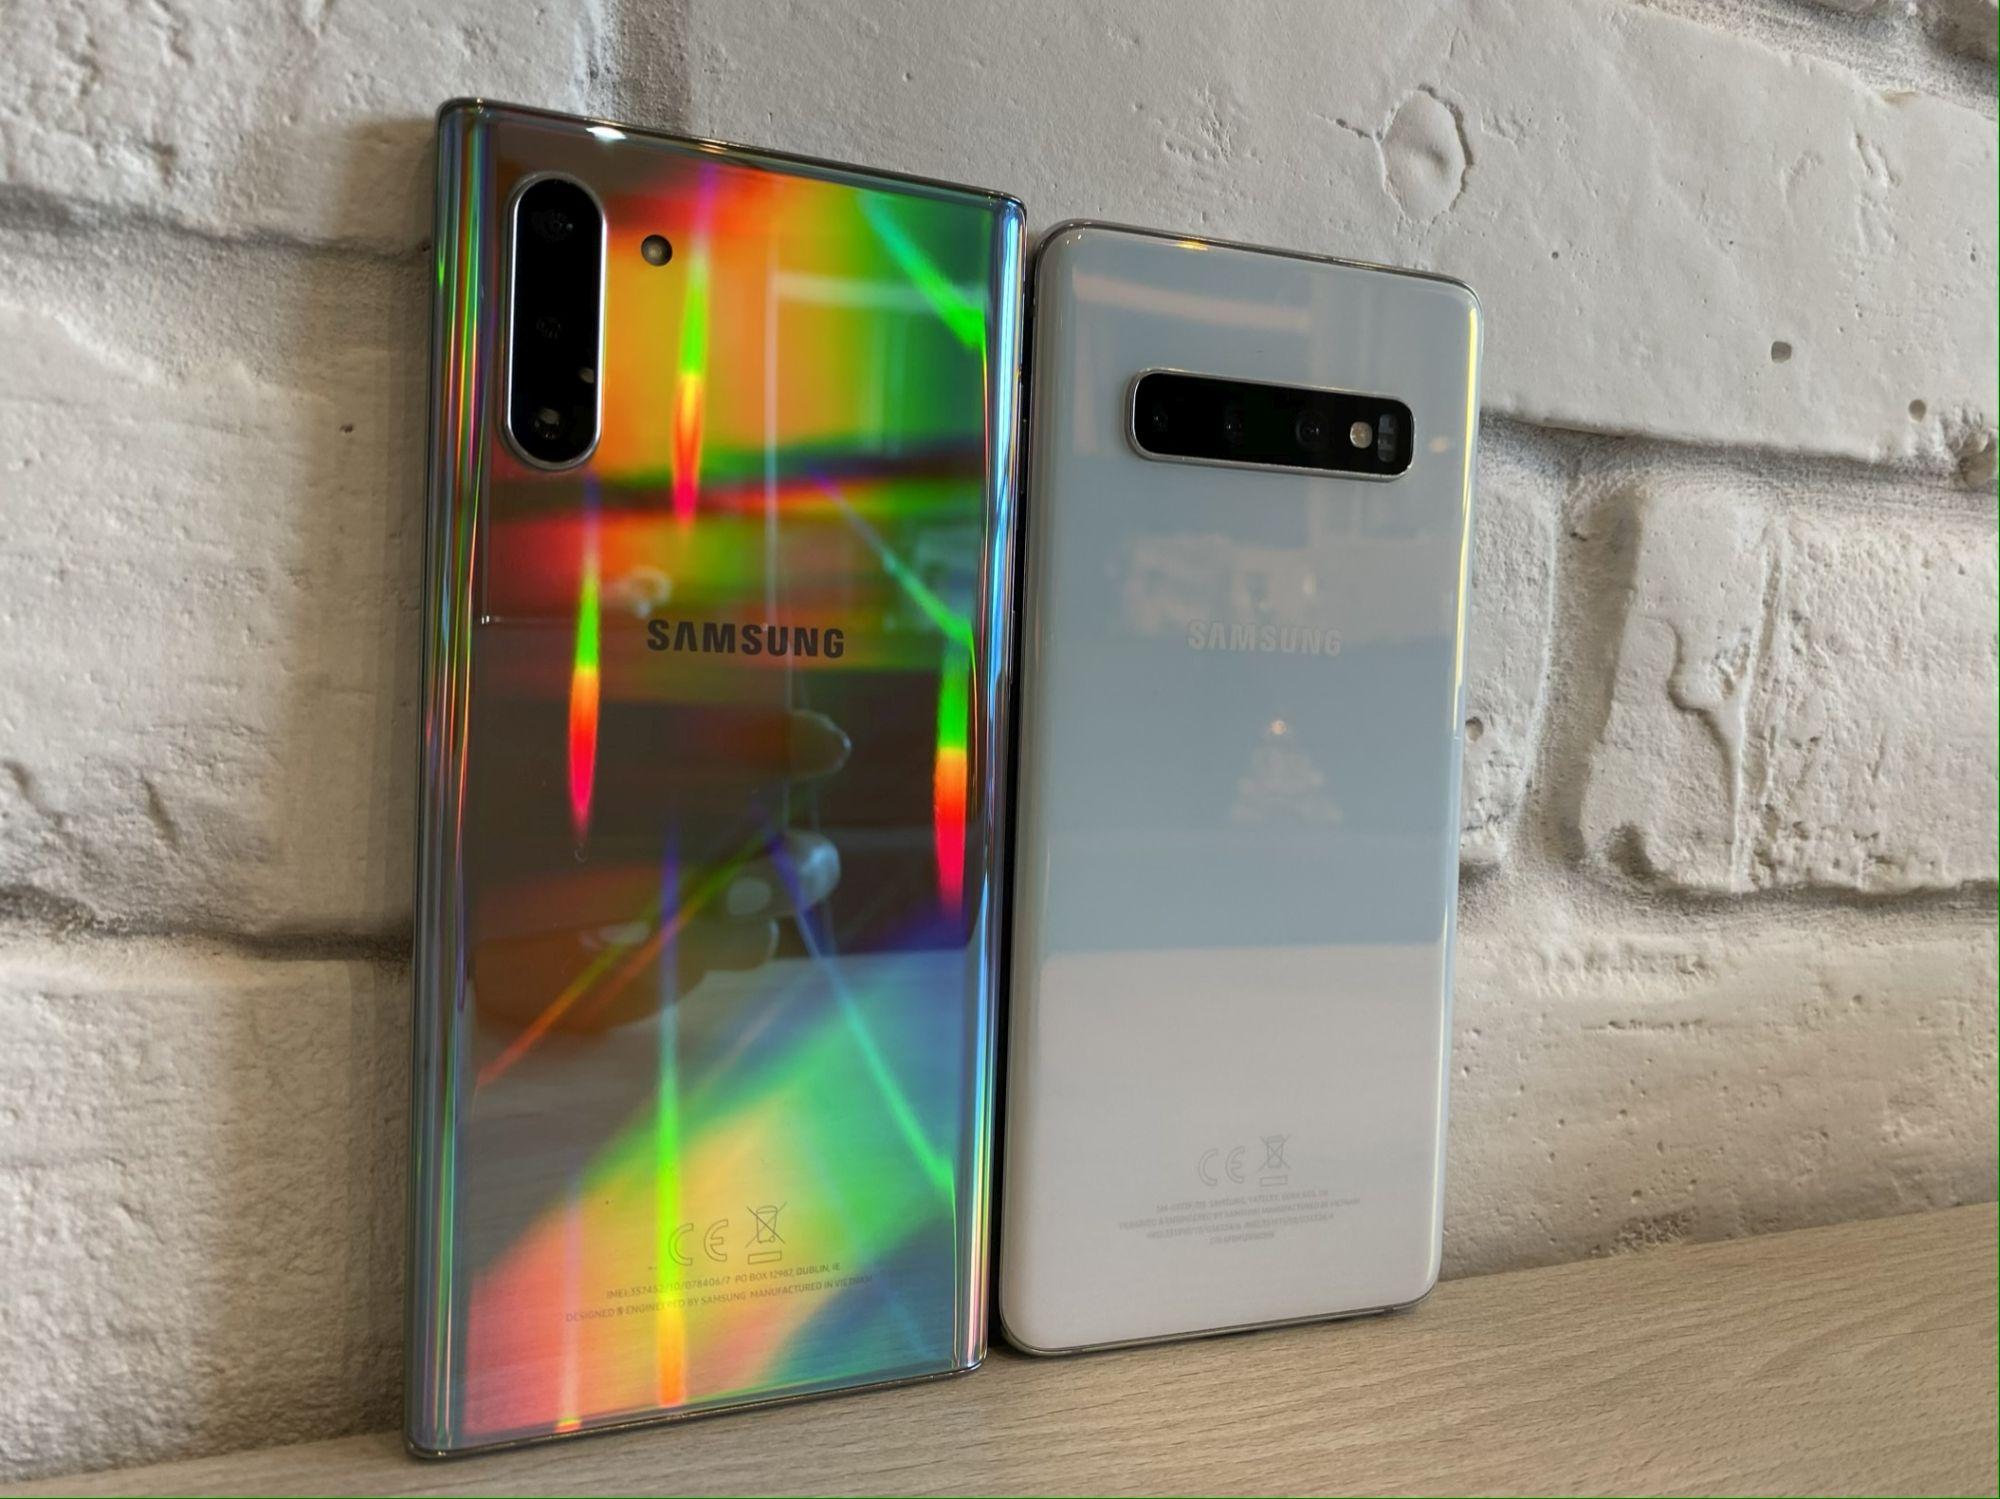 Smartfony Samsung Galaxy S10 i Galaxy Note 10 dostają najlepsze funkcje znane z Galaxy S20 18